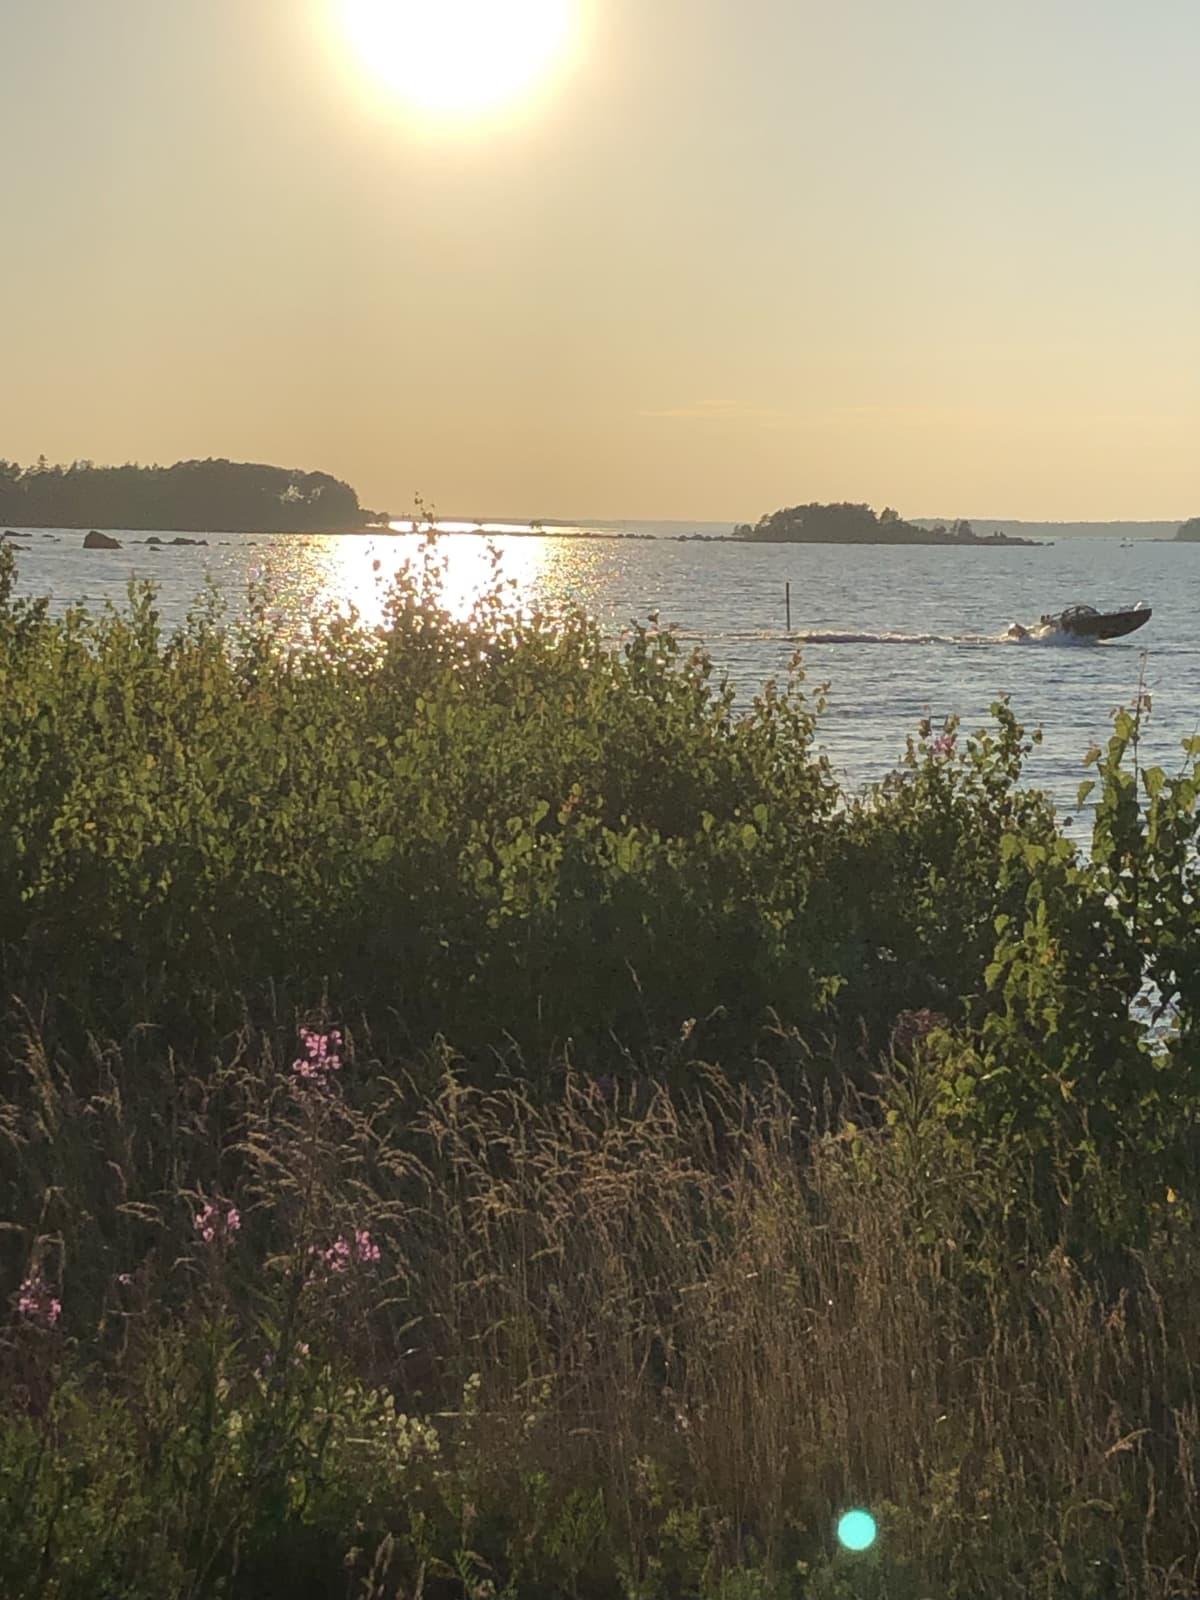 Ilta-aurinko merellä